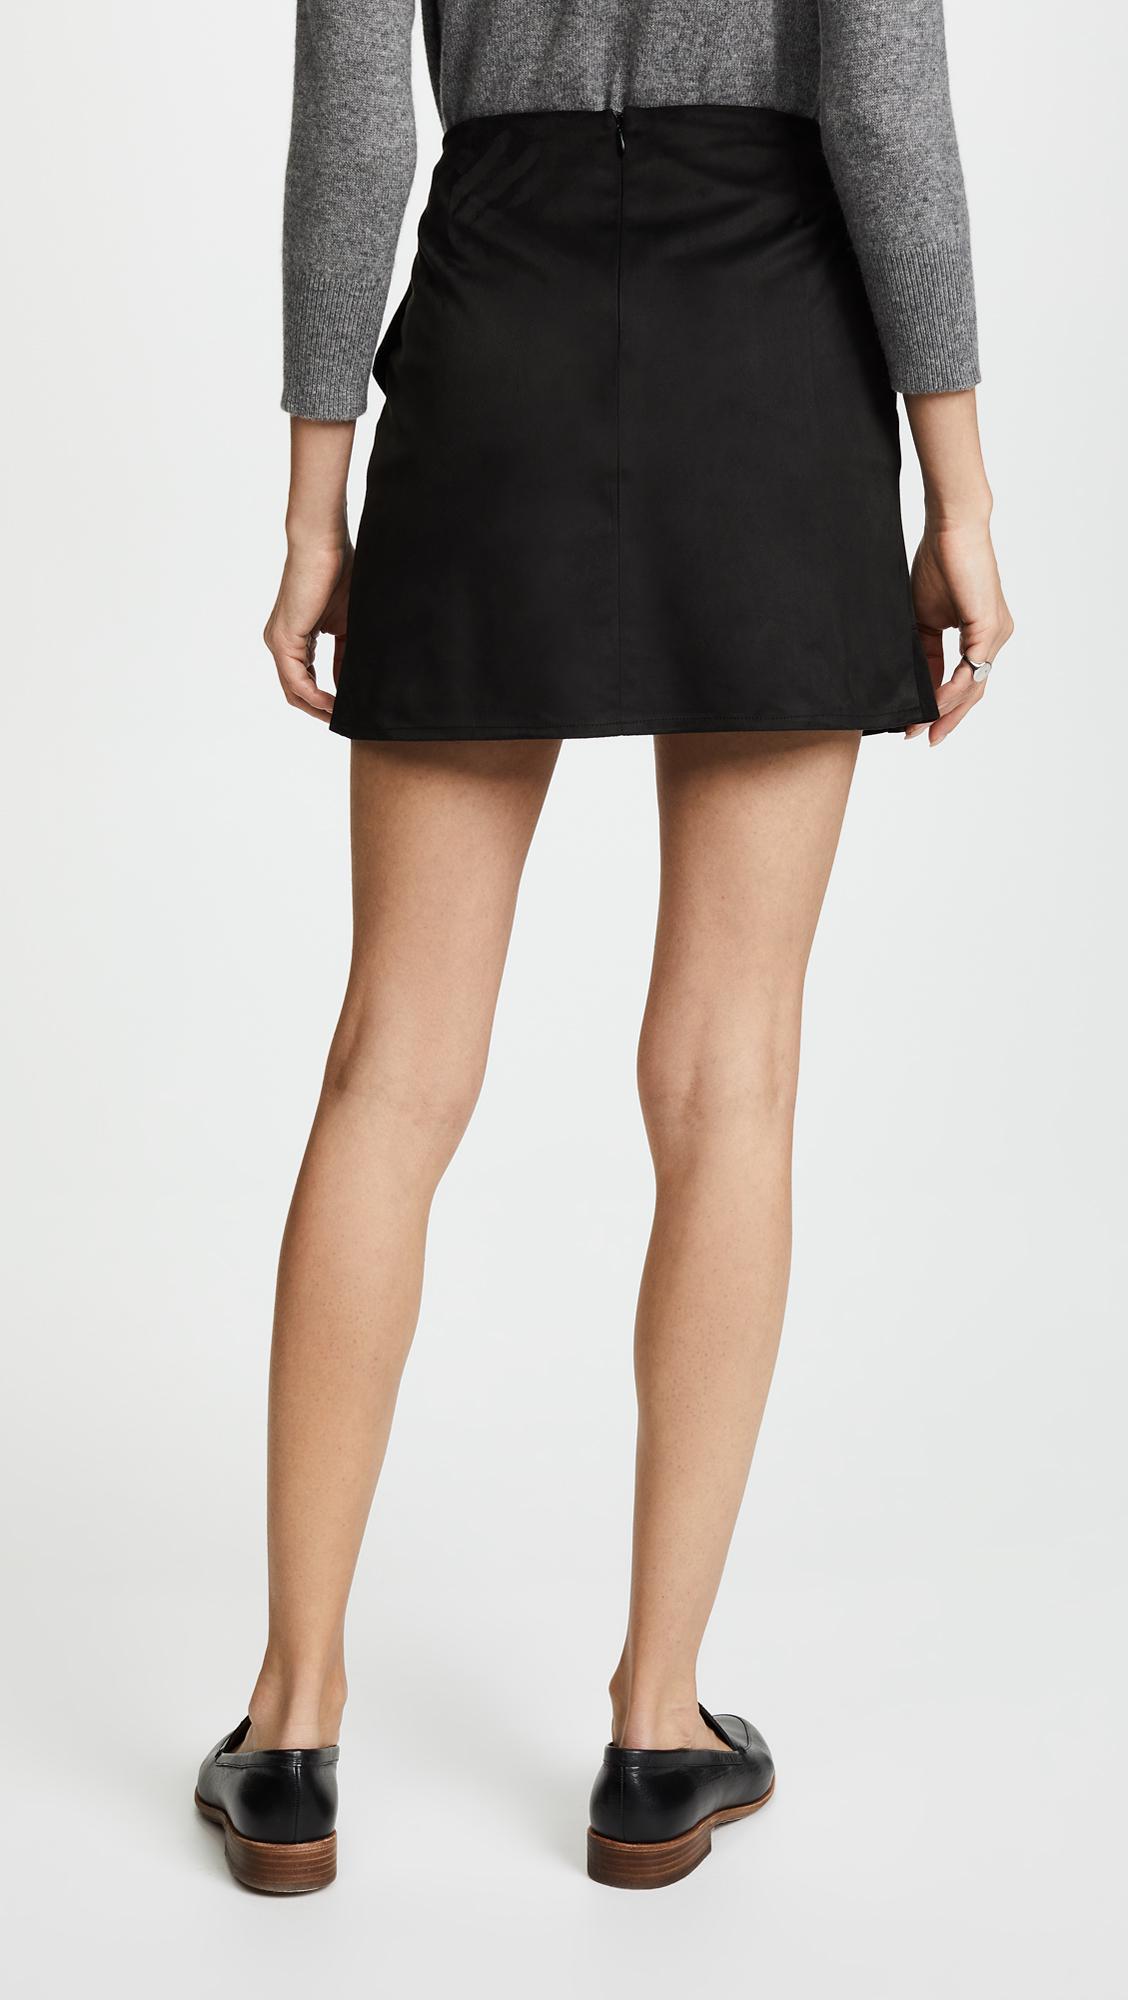 93725fad39 BB Dakota Jack By Khan Faux Suede Skirt in Black - Lyst